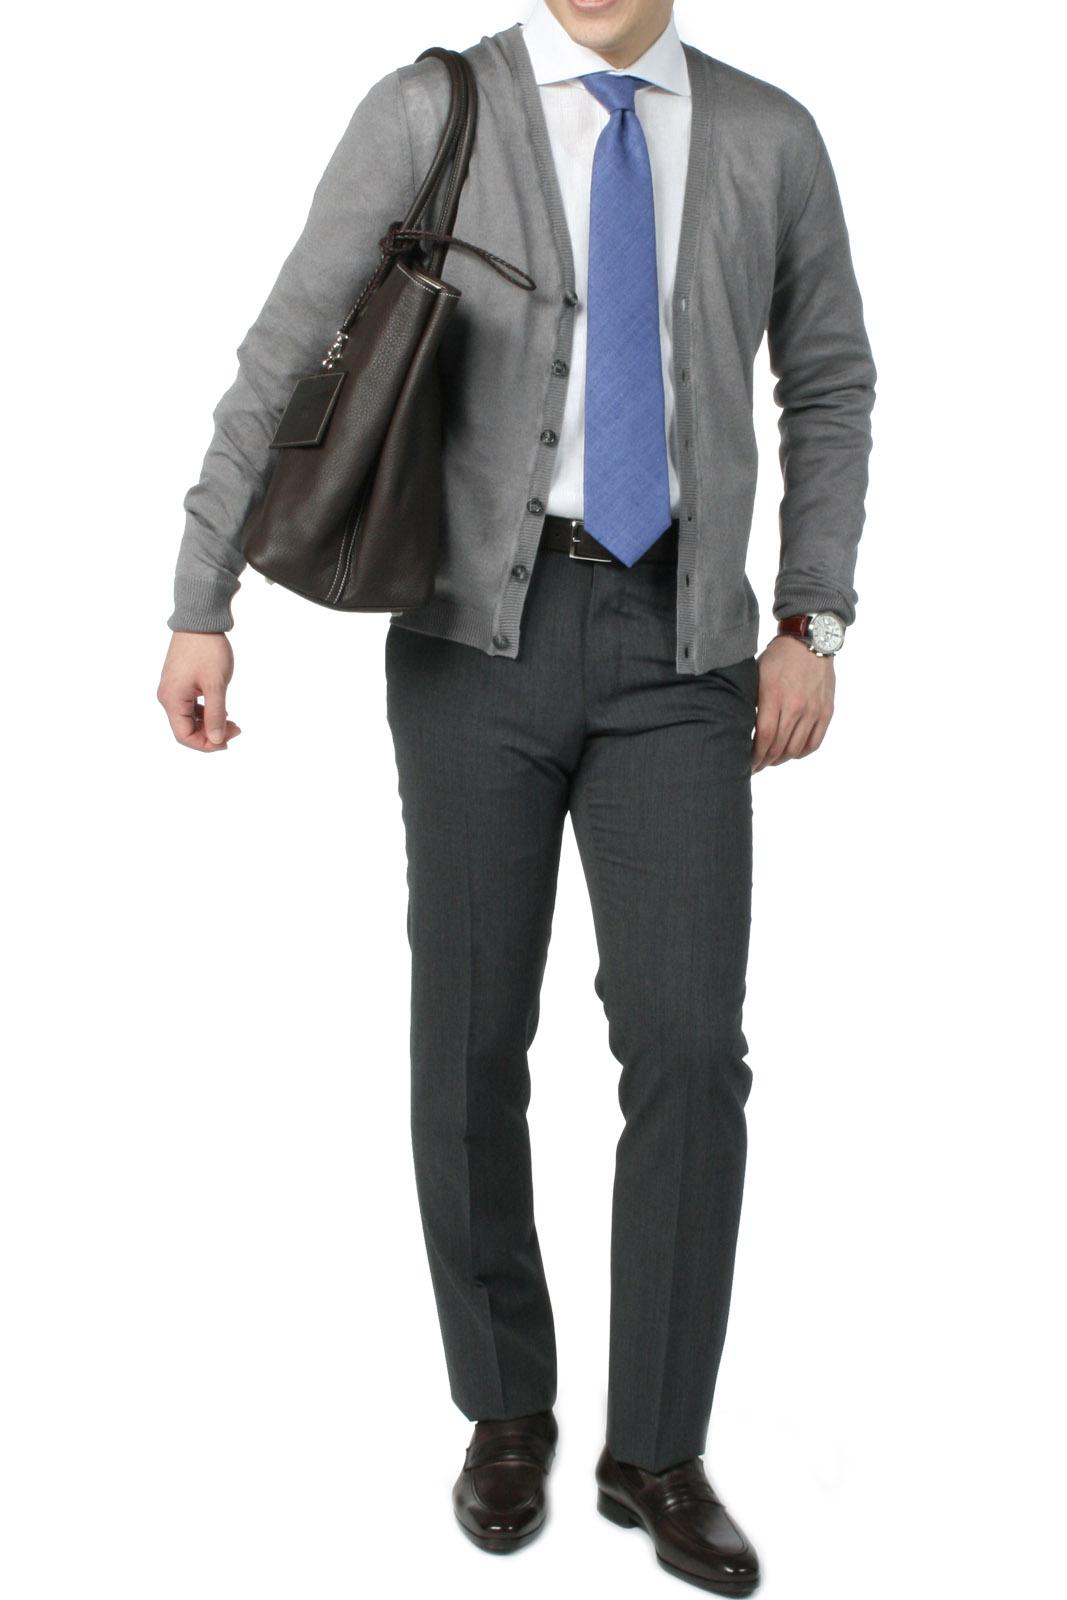 イレブンティのカーディガンにブルーの平織タイを合わせた爽やかなオンスタイル。